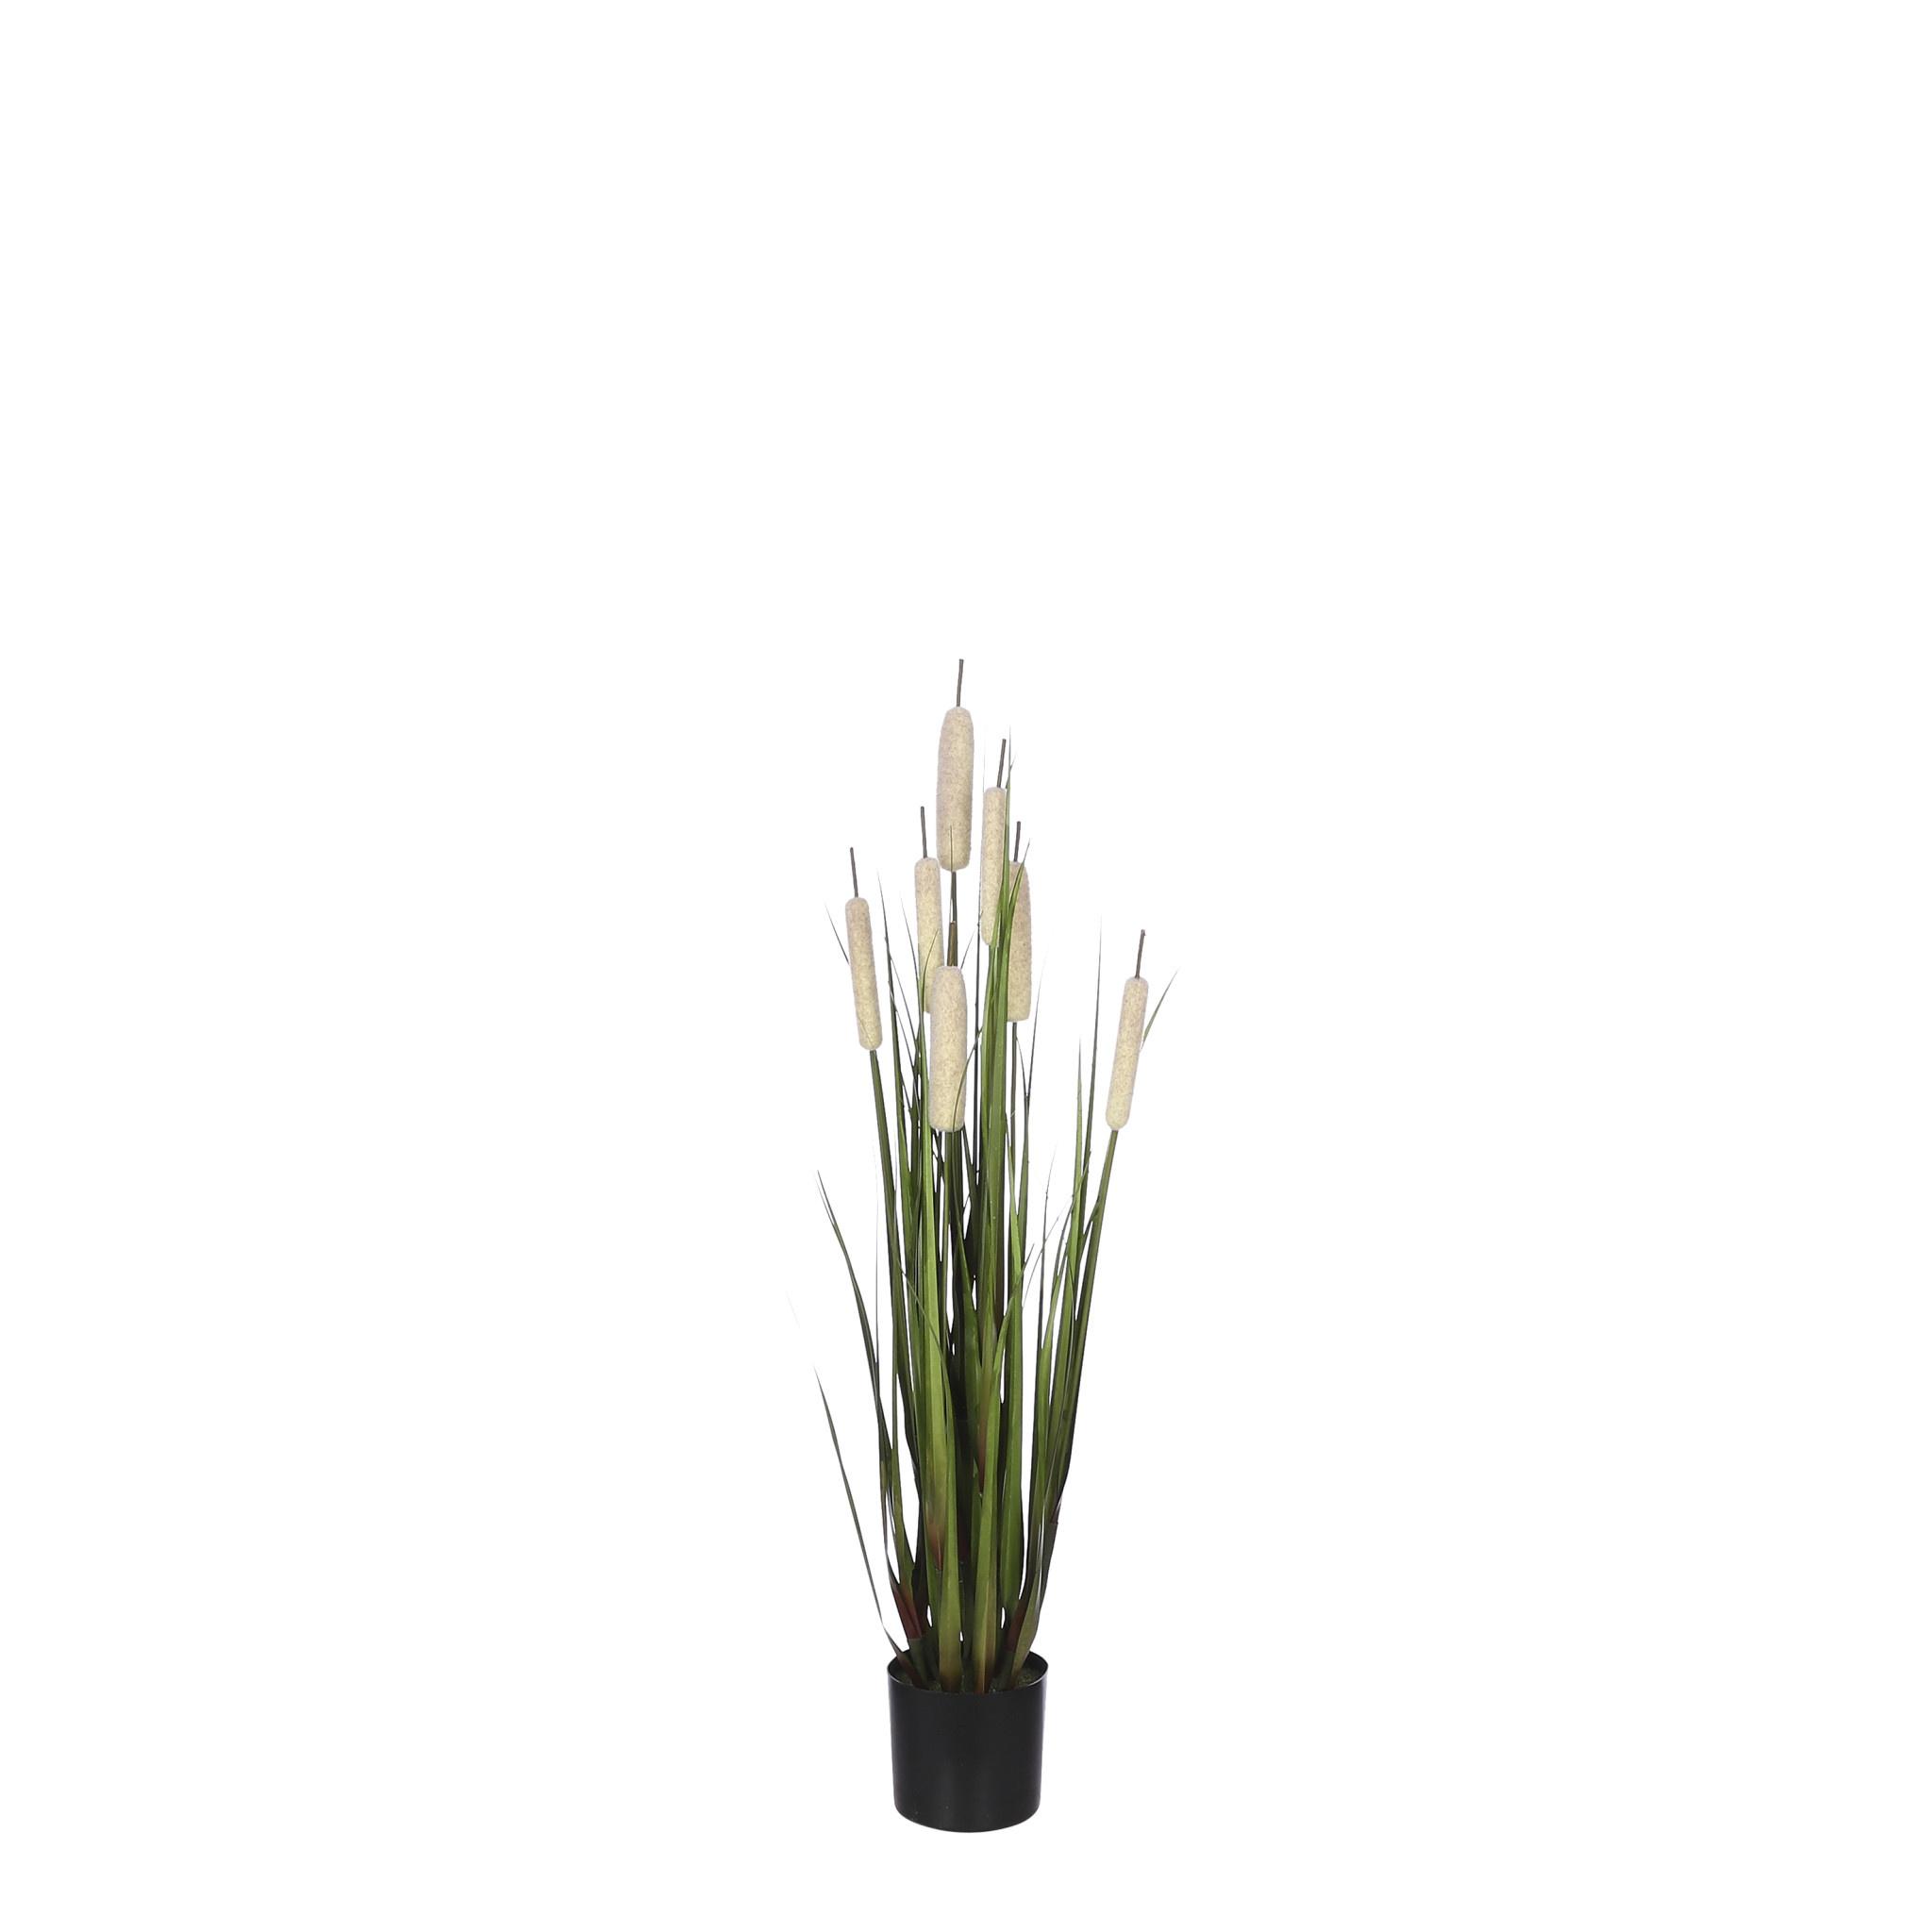 Mica Cattail Grass in Pot - Cream - h90xd25cm